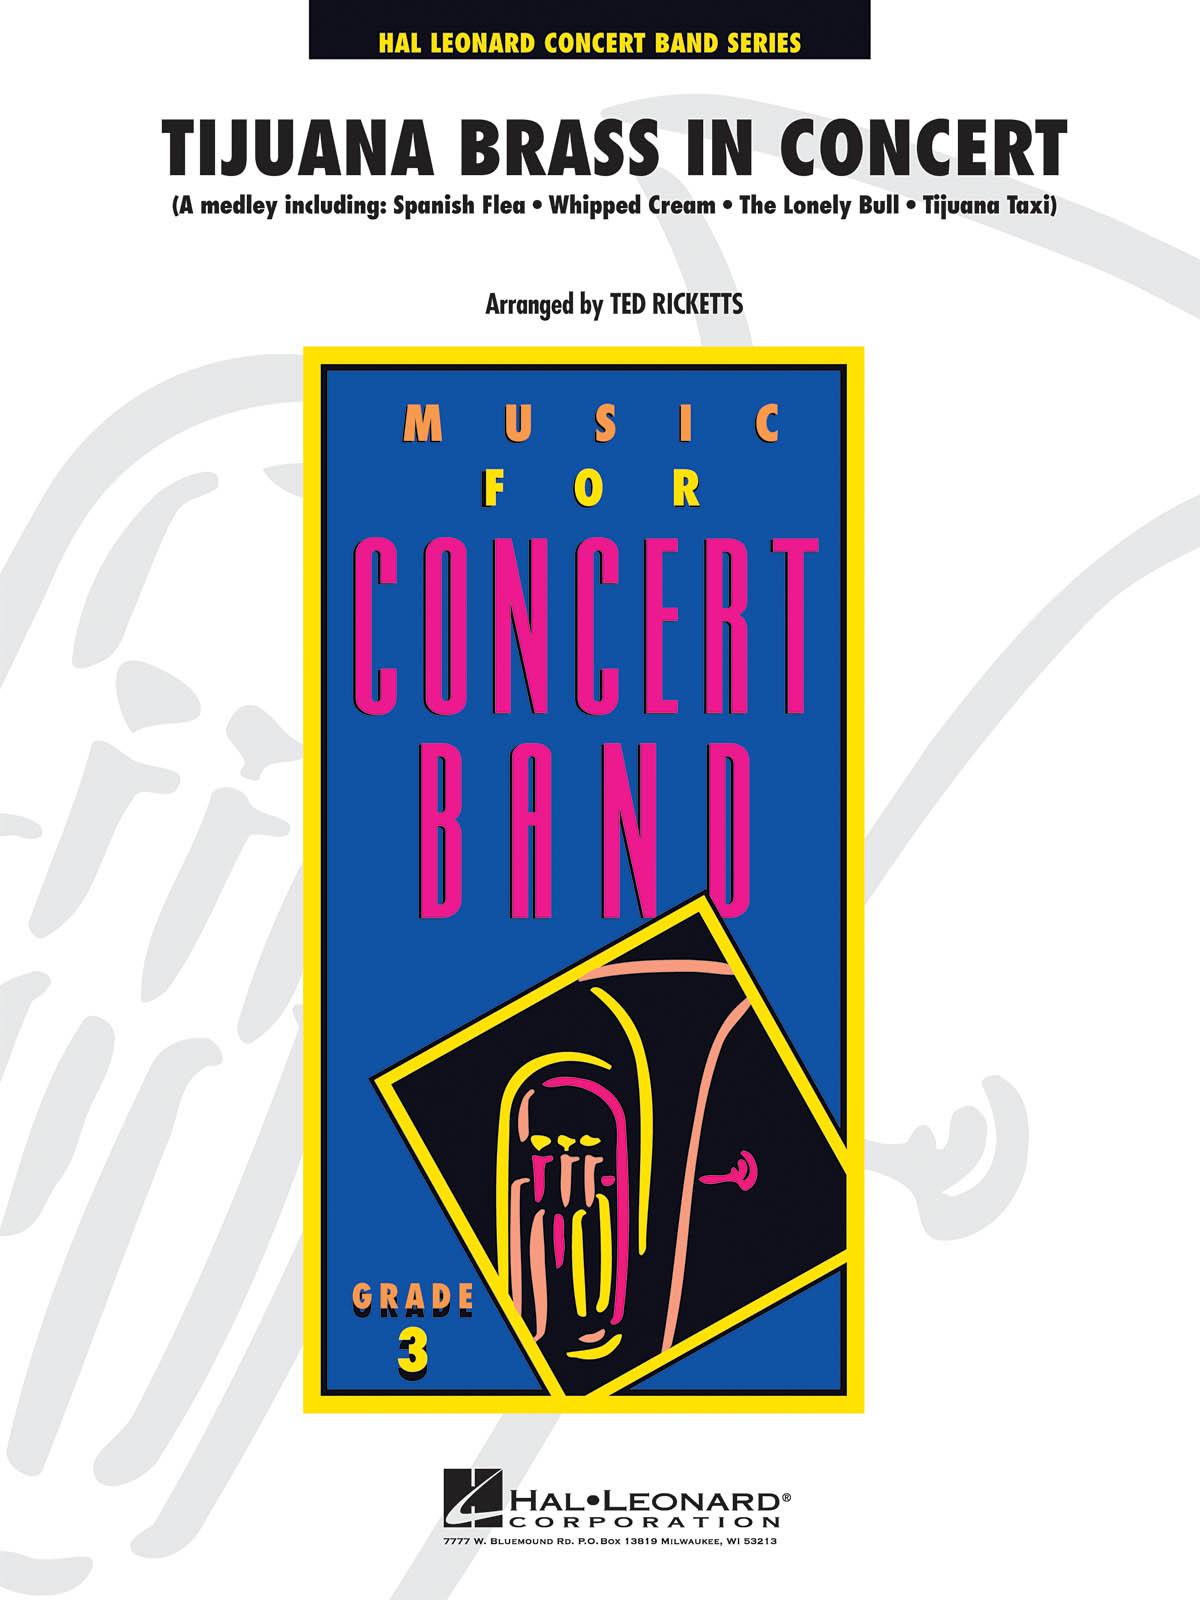 Tijuana Brass in Concert: Concert Band: Score & Parts